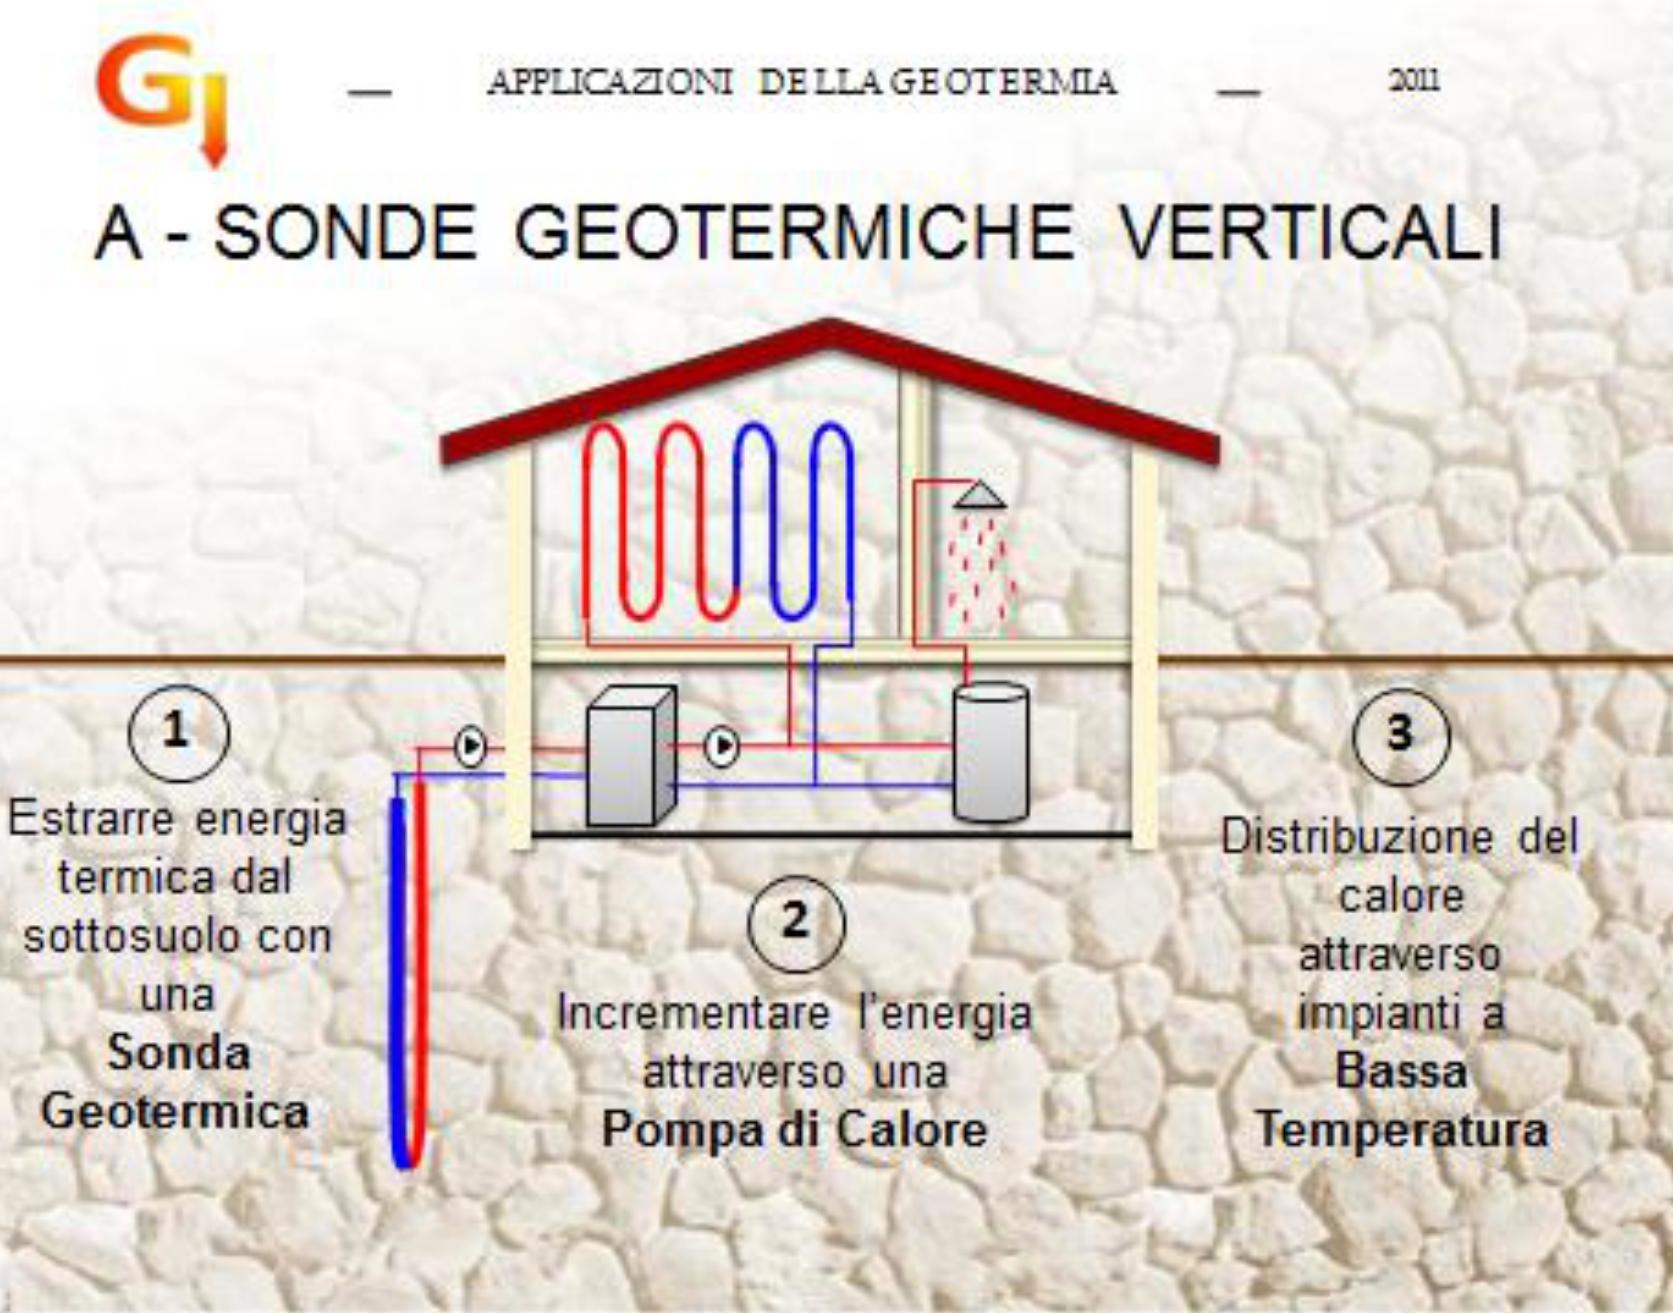 Pompa Di Calore Ventilconvettori le sonde geotermiche: quando e dove conviene installarle. i